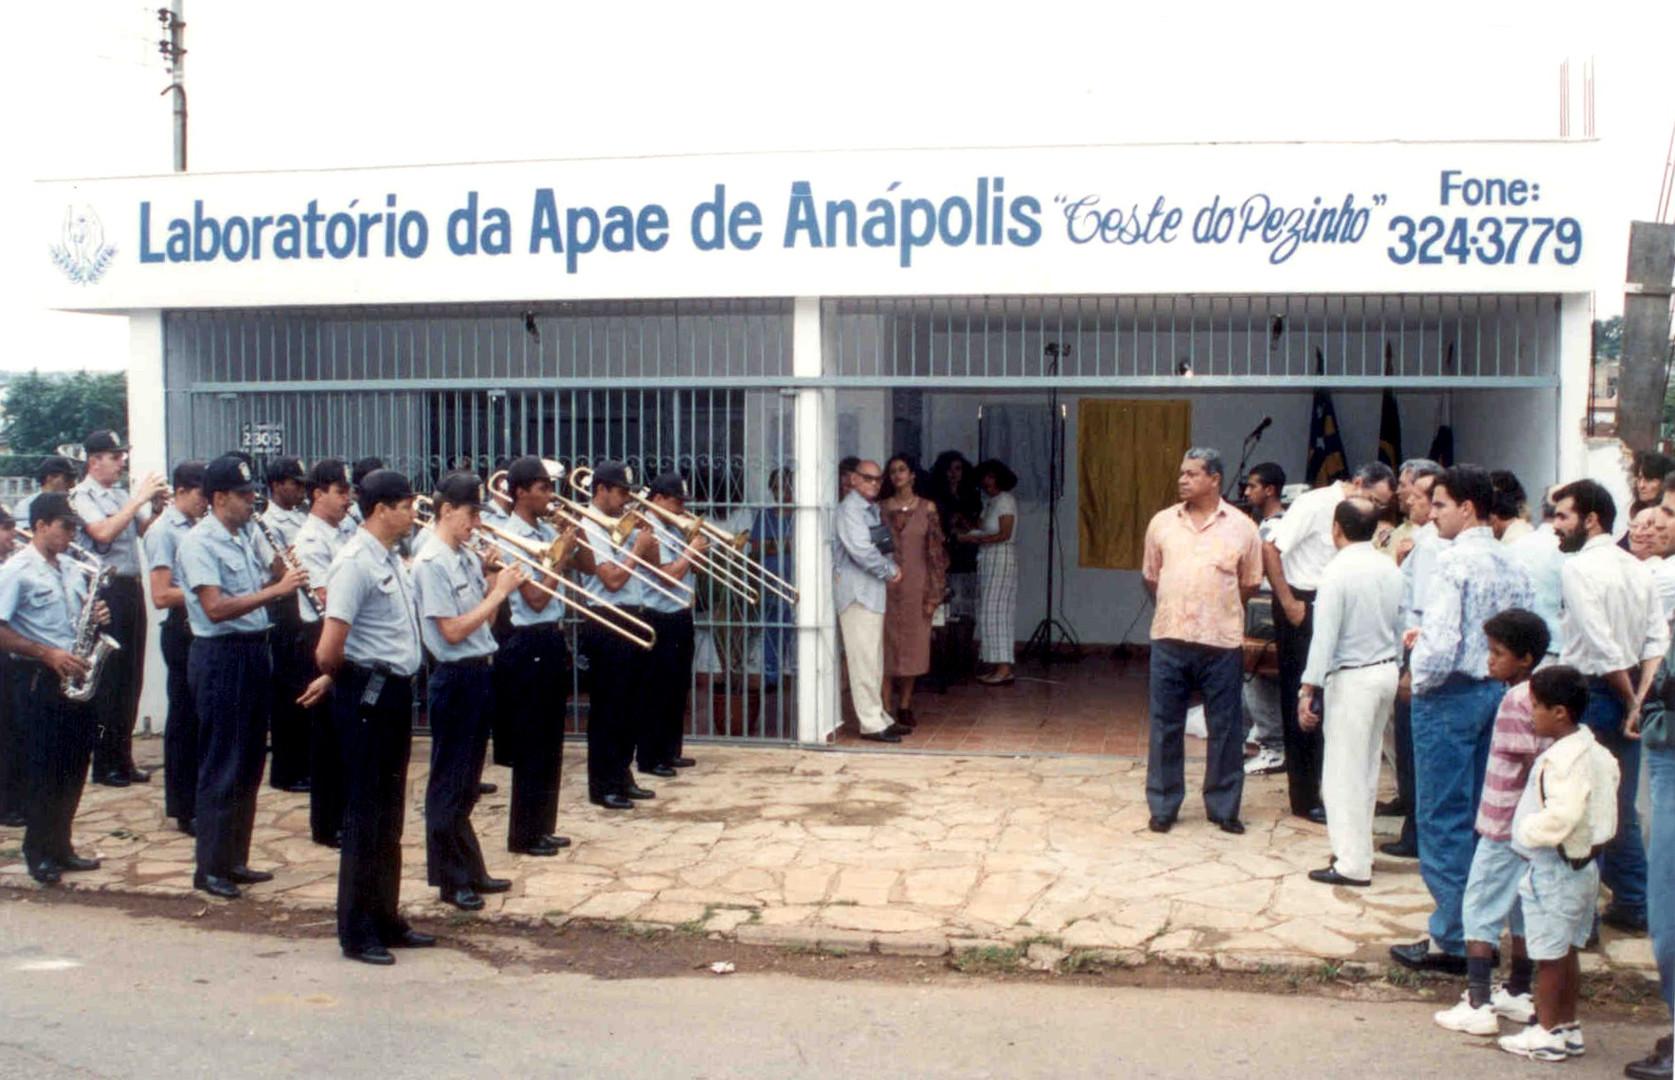 1994 - Inauguração do Laboratório